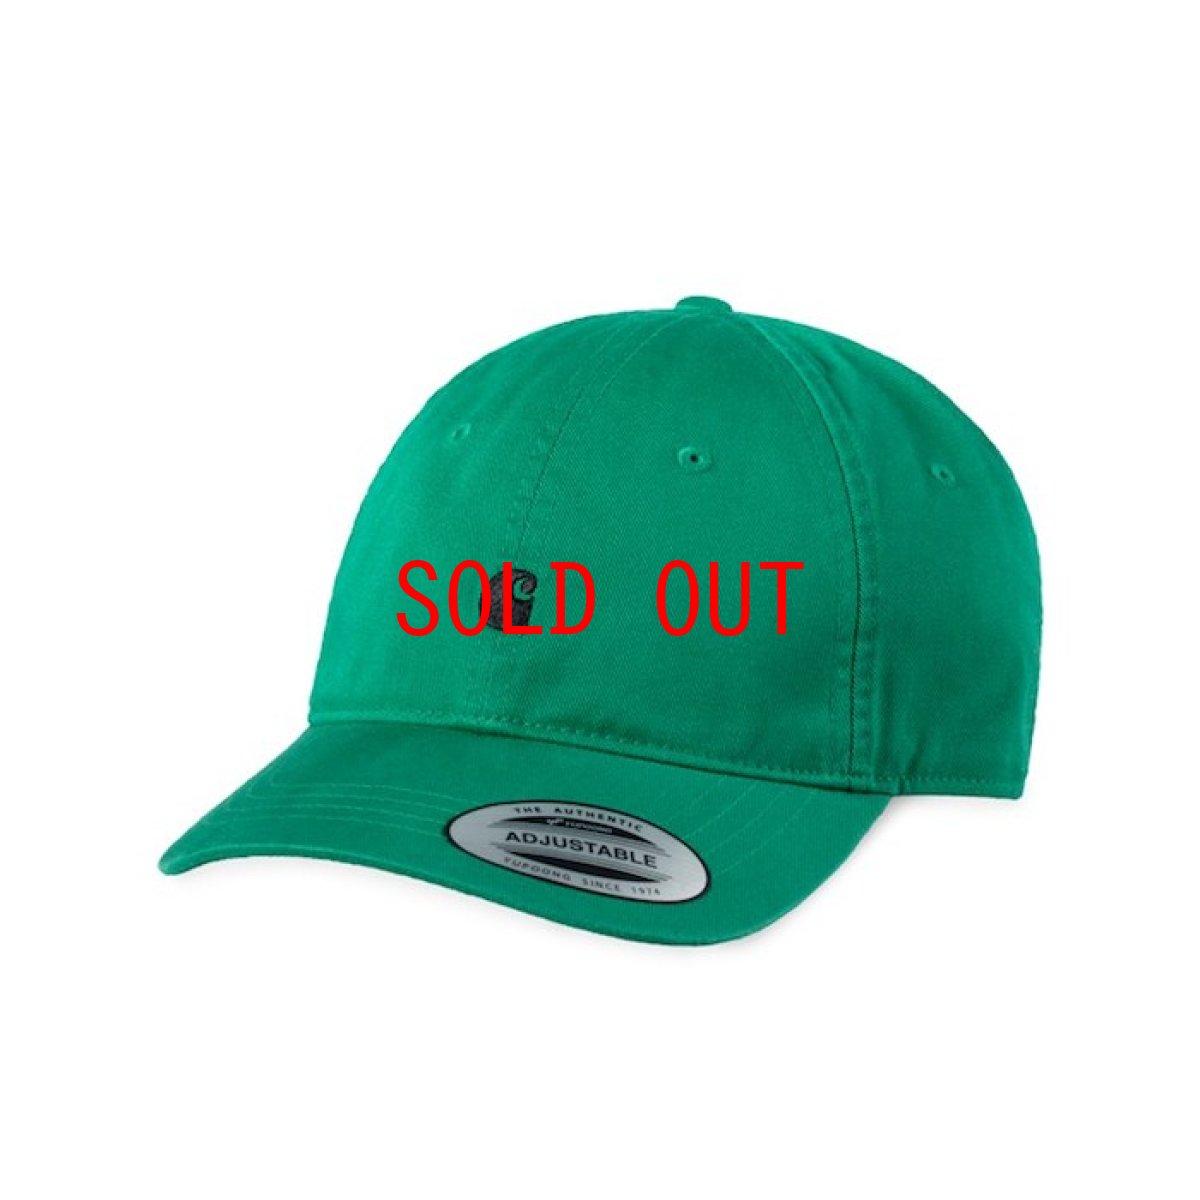 画像1: Carhartt WIP(カーハート ワークインプログレス) Madison Logo Cap Green Black White Beige ロゴ パネル キャップ 帽子 (1)